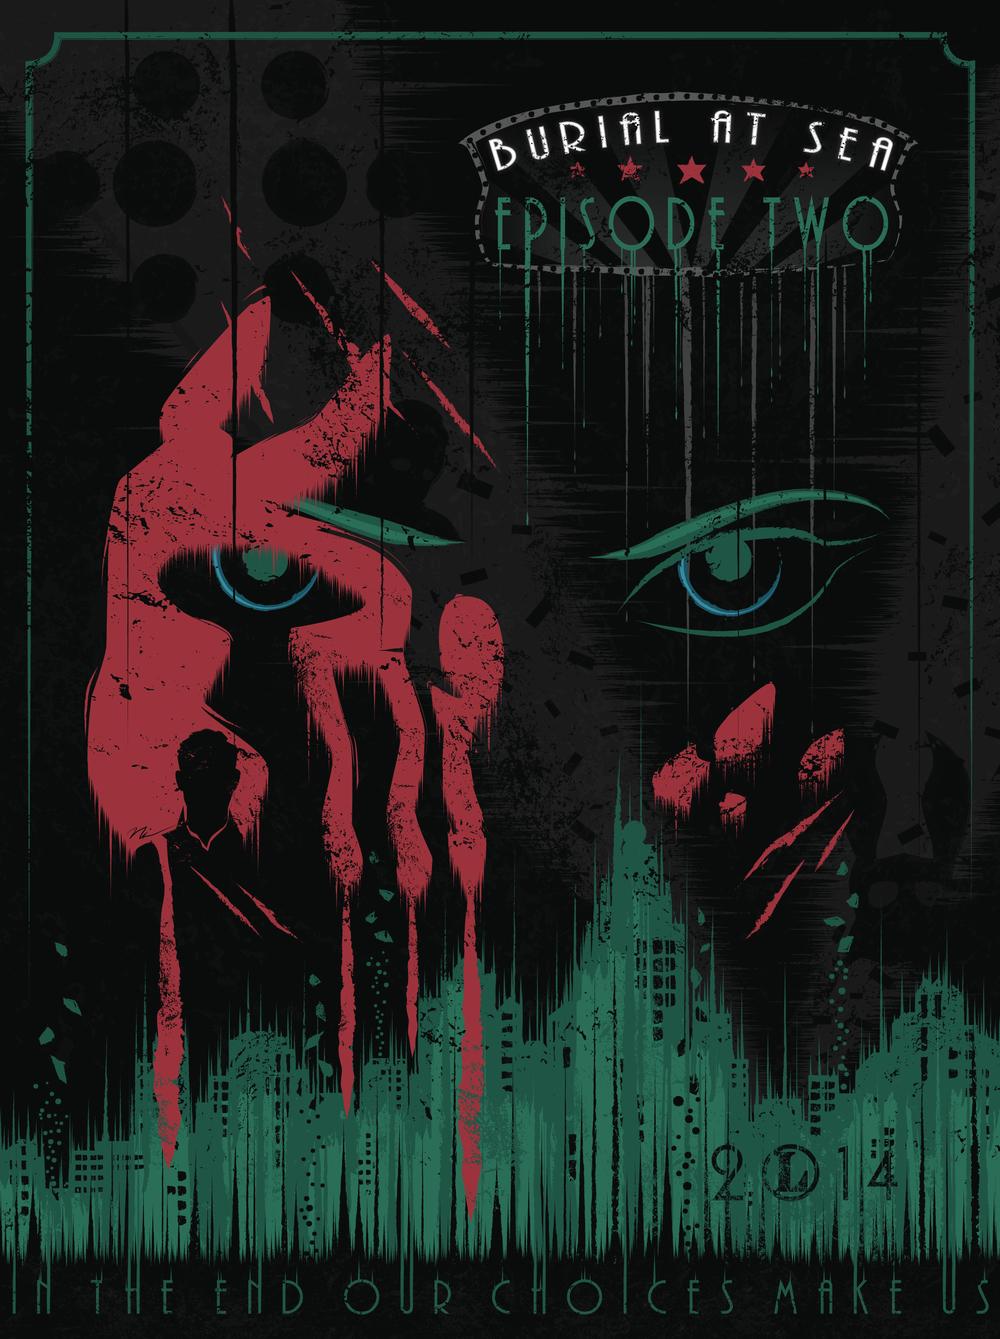 BioShock-Infinite-Burial-at-Sea-Episode-2-PosterB.jpg